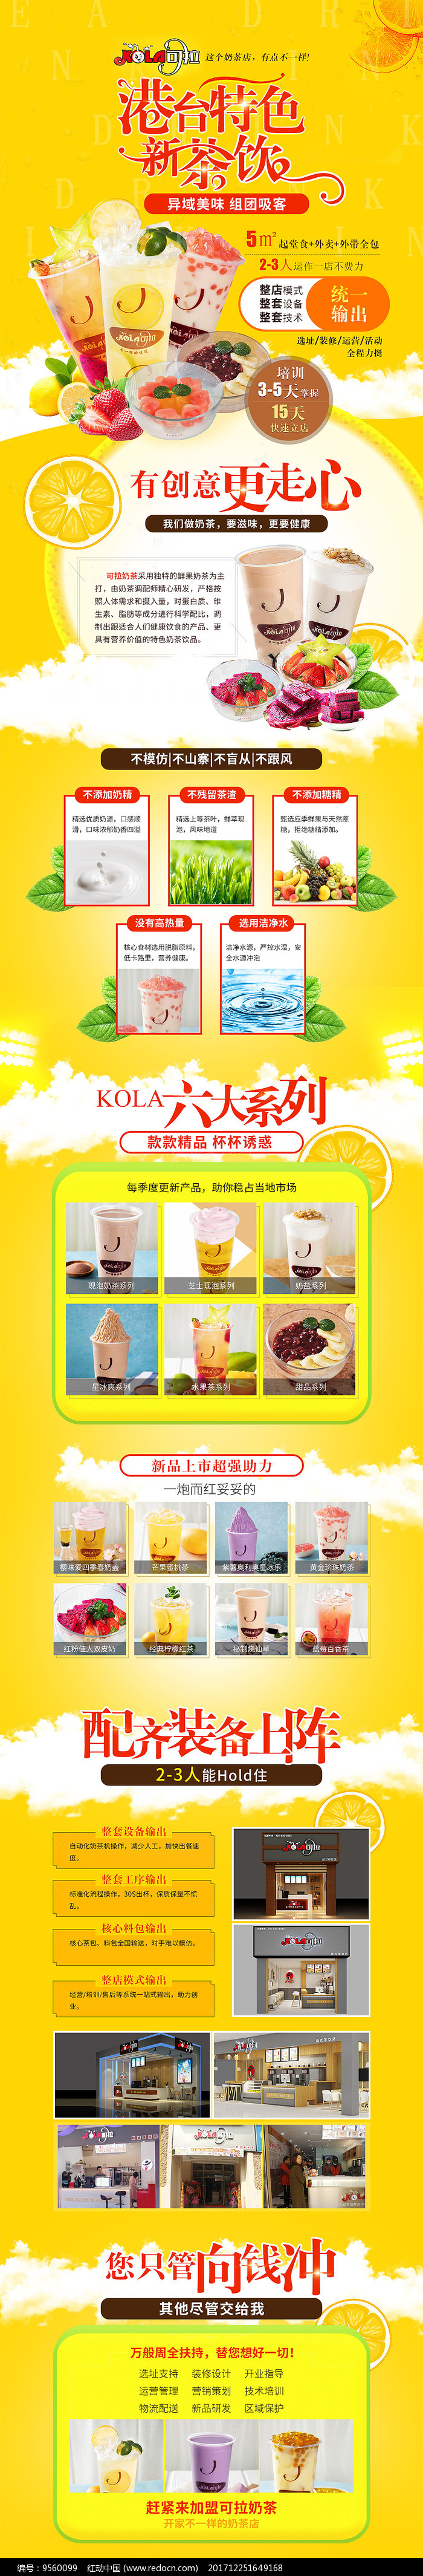 港台饮品奶茶招商页面设计